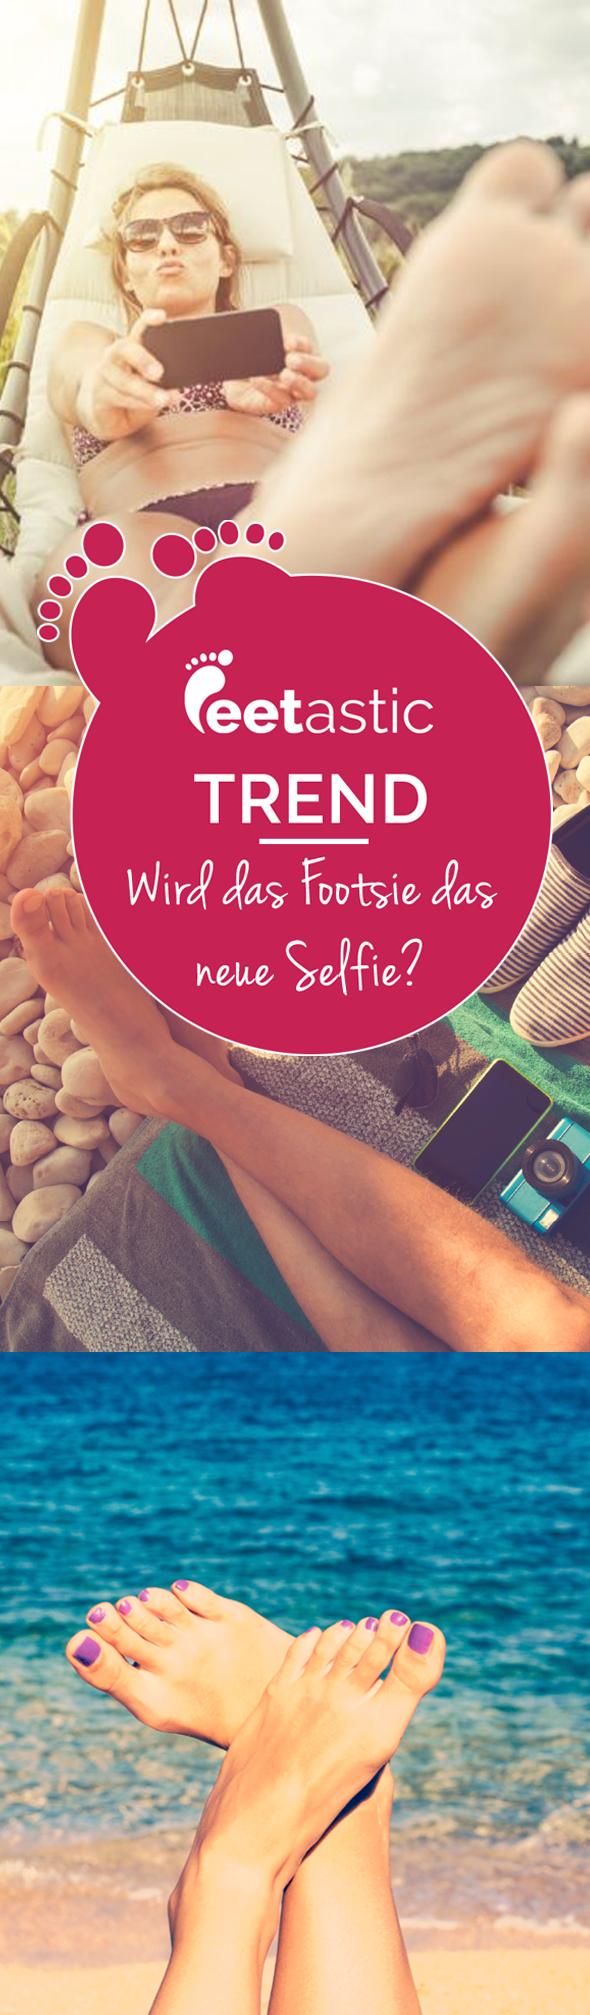 Das Footsie erobert die Online-Welt. Auf den Bildern sind meist nur Füße zu sehen. Viele Stars machen mit. Wir berichten über das Phänomen #Footsie.